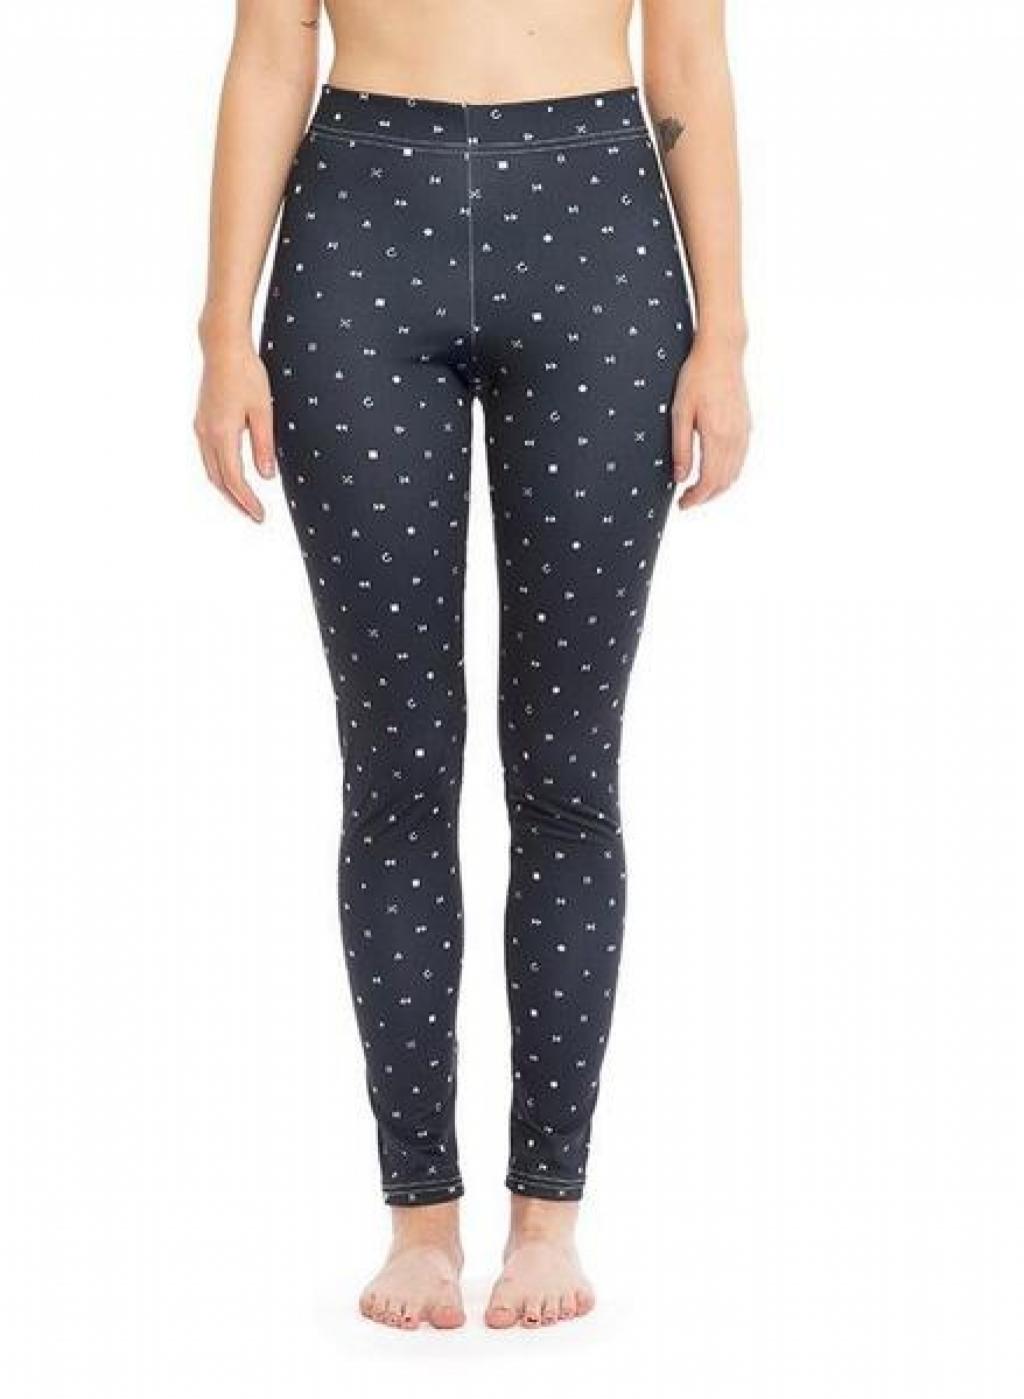 15429791690_liz-m-leggings-dots-leggings-3809153122392_grande.jpg